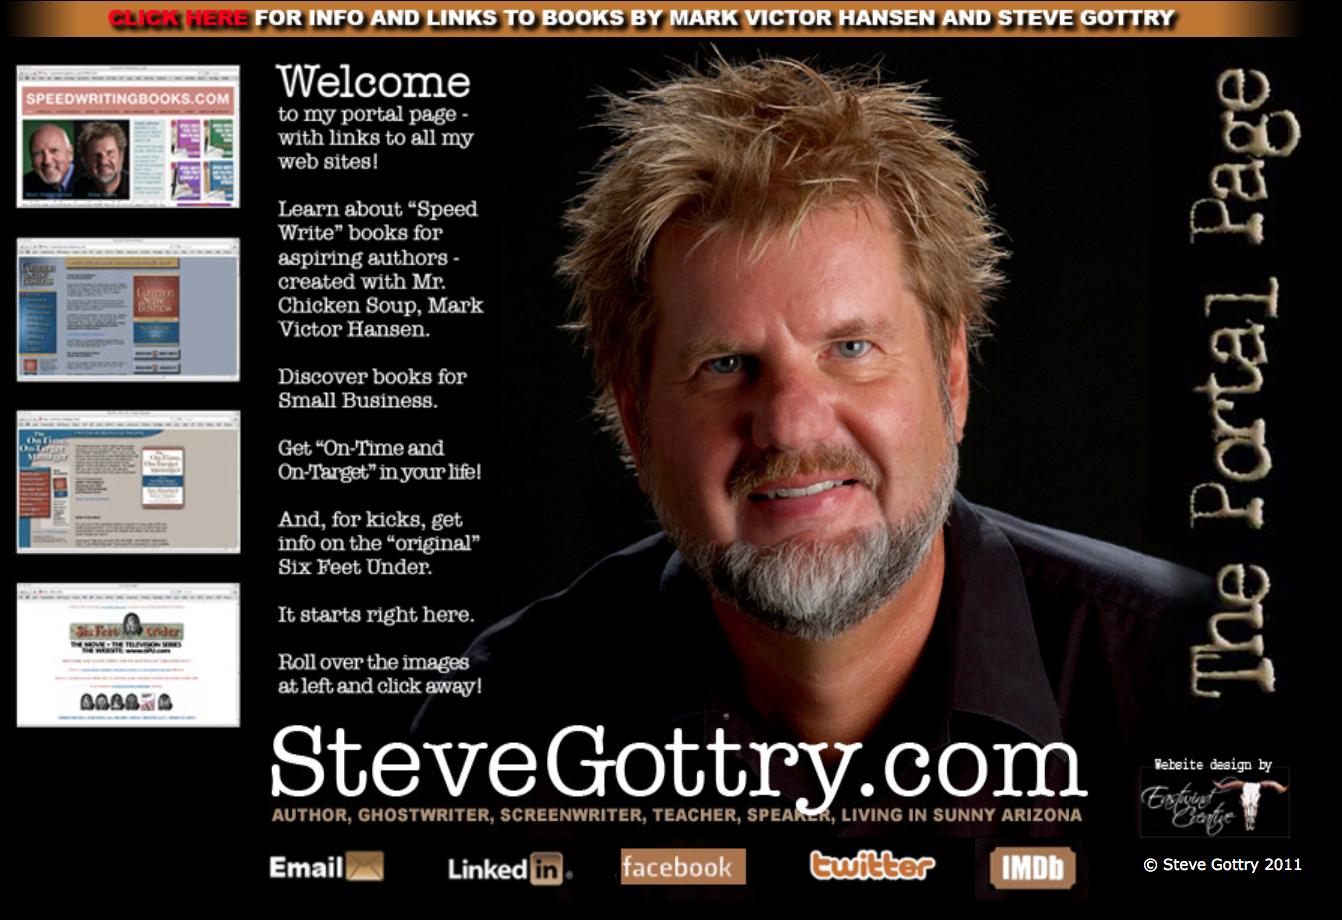 SteveGottry.com